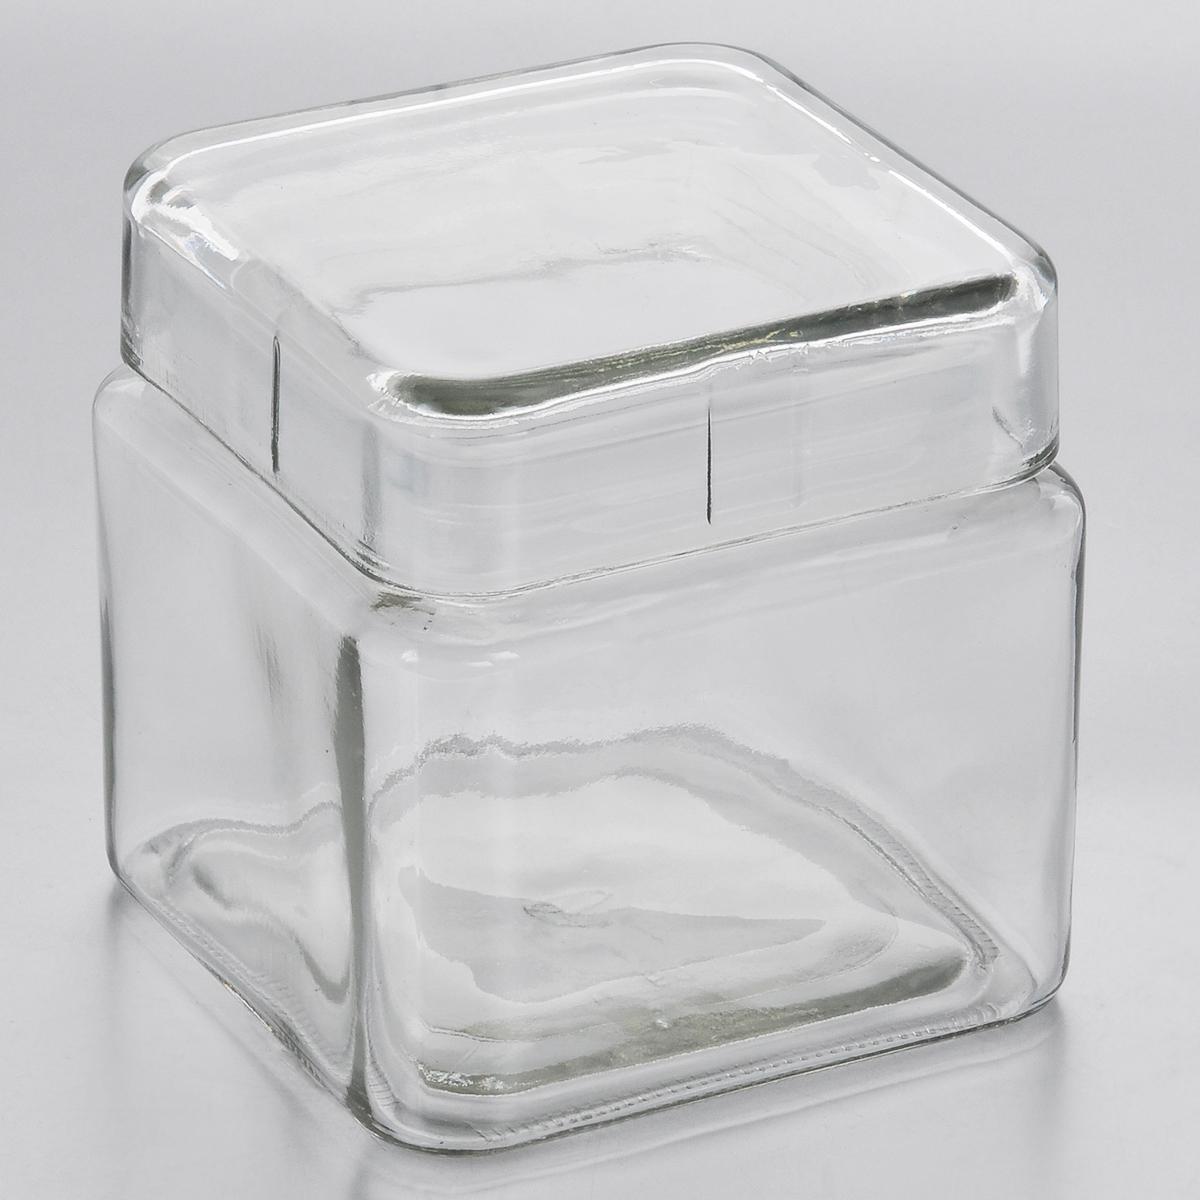 Емкость для хранения Esprado Cristella, 800 млC040801E405Емкость для хранения Esprado Cristella изготовлена из качественного прозрачного стекла, отполированного до идеального блеска и гладкости. Изделие имеет квадратную форму. Стекло термостойкое, что позволяет использовать емкость Esprado при различных температурах (от -15° С до +100°С). Это делает ее функциональным и универсальным кухонным аксессуаром. Емкость прекрасно подходит для хранения кофе, орехов, сахара, специй и других сыпучих продуктов. Крышка плотно закрывается и легко открывается благодаря силиконовой прослойке. Это обеспечивает герметичность и дольше сохраняет продукты свежими. Благодаря различным дизайнерским решениям такая емкость дополнит и украсит интерьер любой кухни. Емкости для хранения из коллекции Cristella разработаны на основе эргономичных дизайнерских решений, которые позволяют максимально эффективно и рационально использовать кухонные поверхности. Благодаря универсальному внешнему виду, они будут привлекательно смотреться в ...